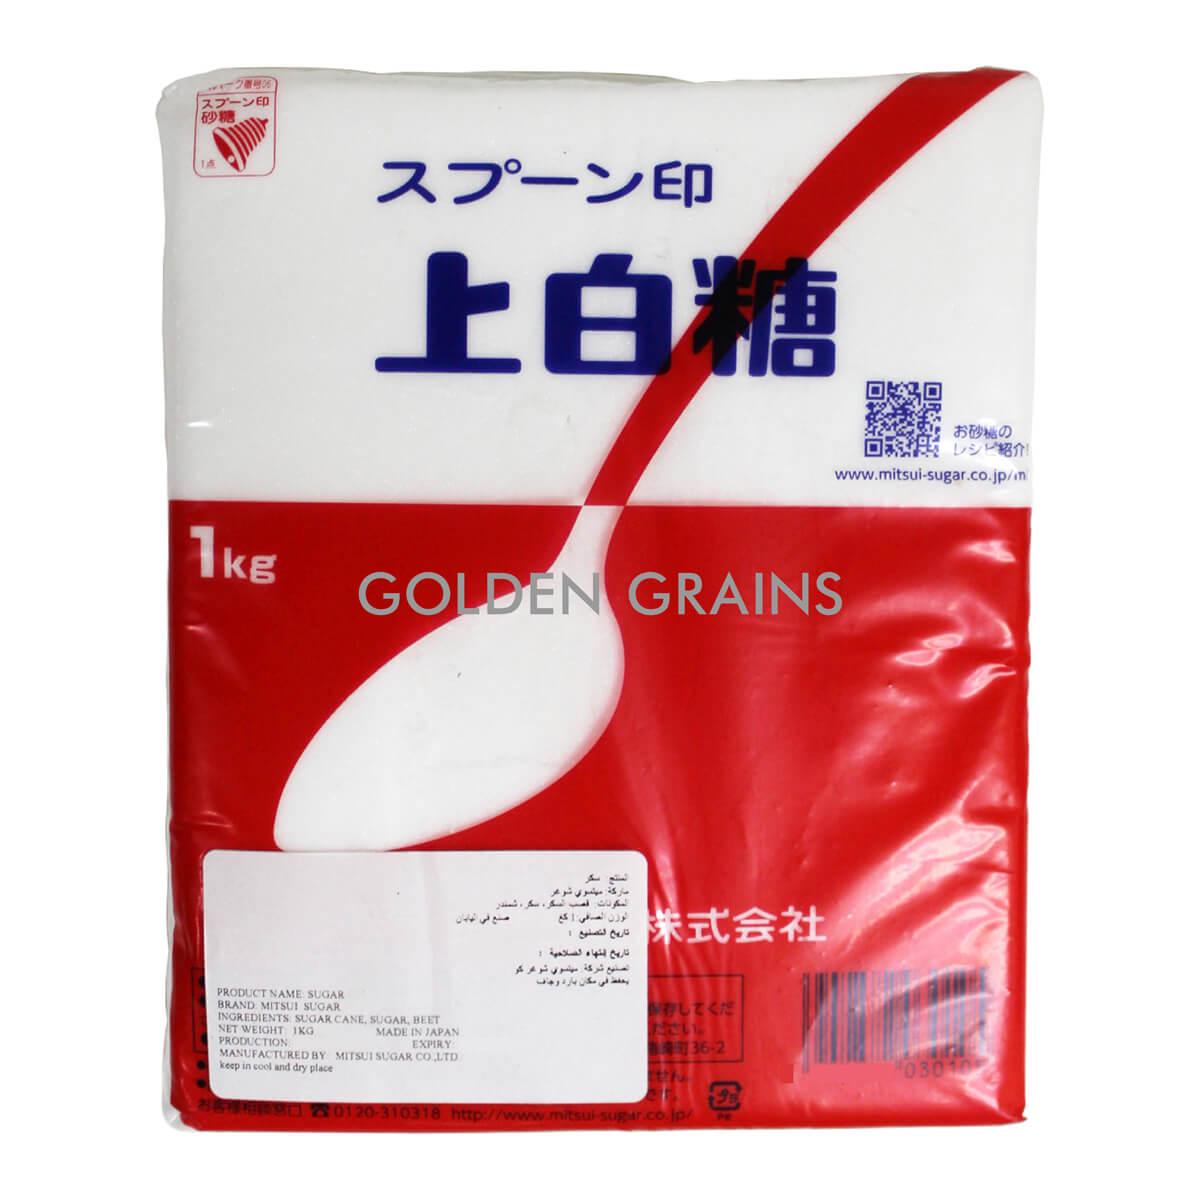 Golden Grains Mitsui - Sugar - Front.jpg